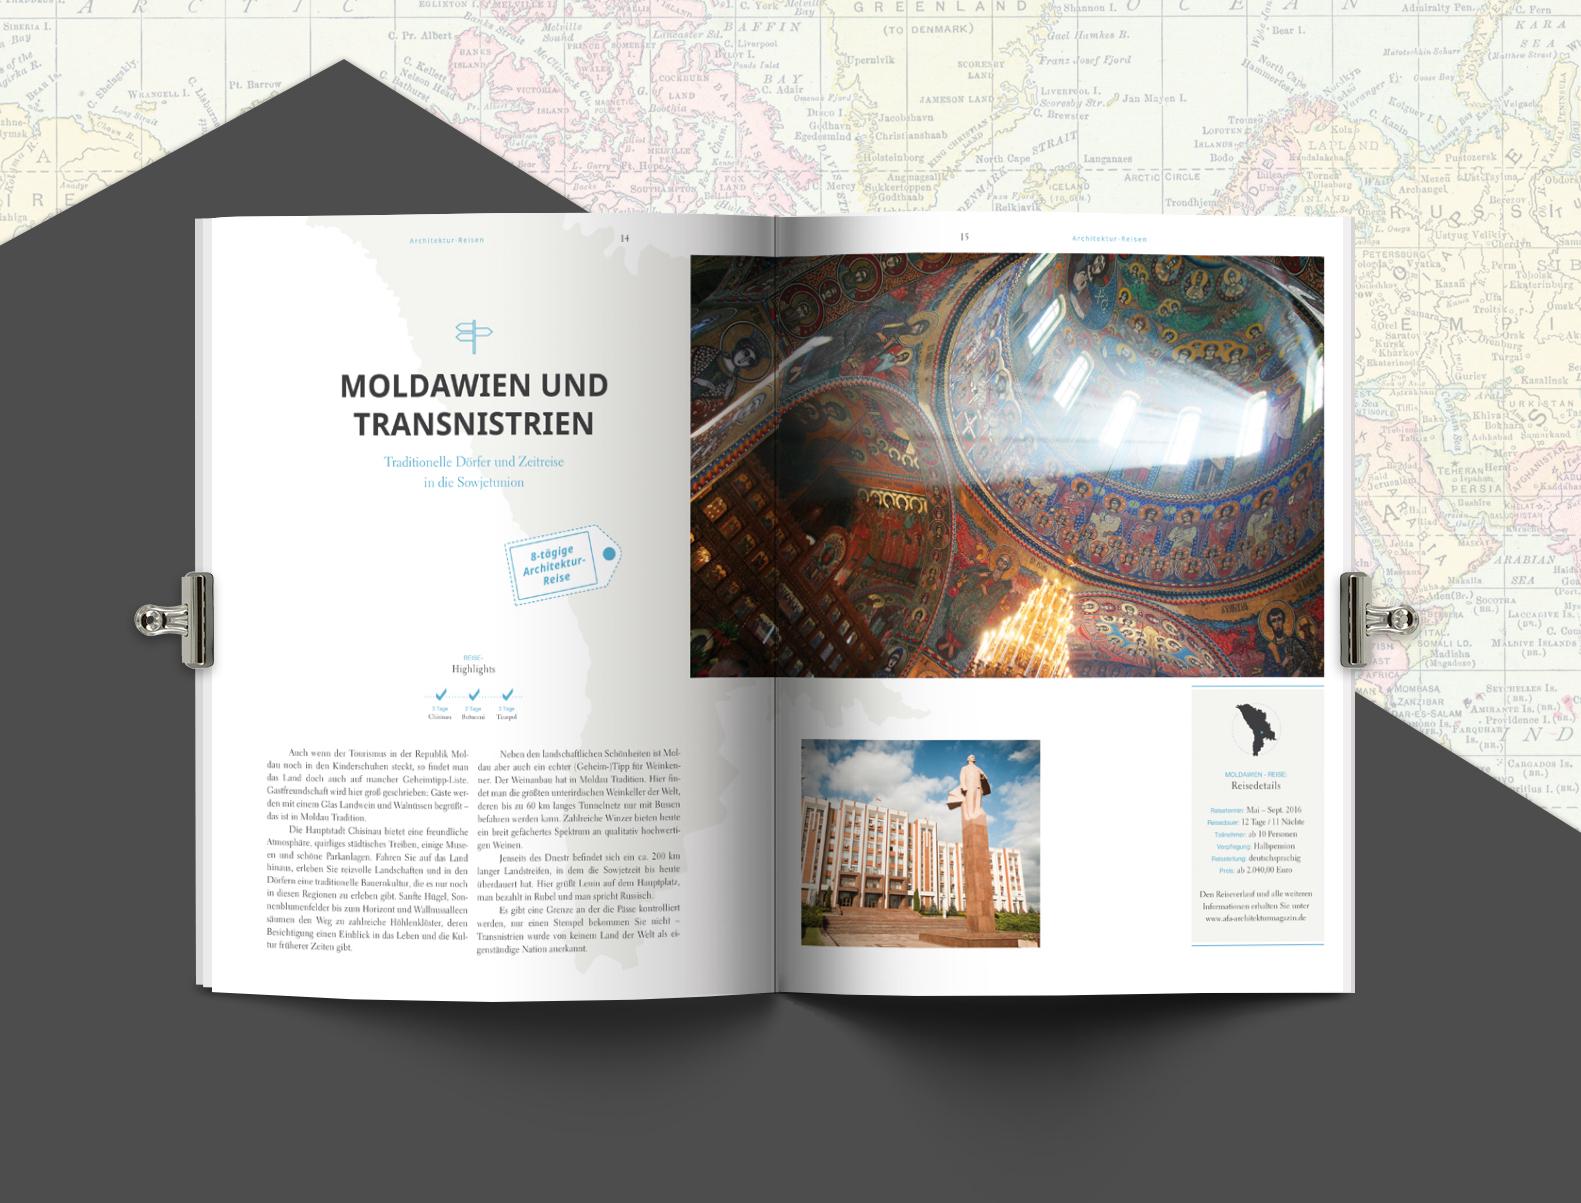 Architektur Magazin afa architekturmagazin herr hel